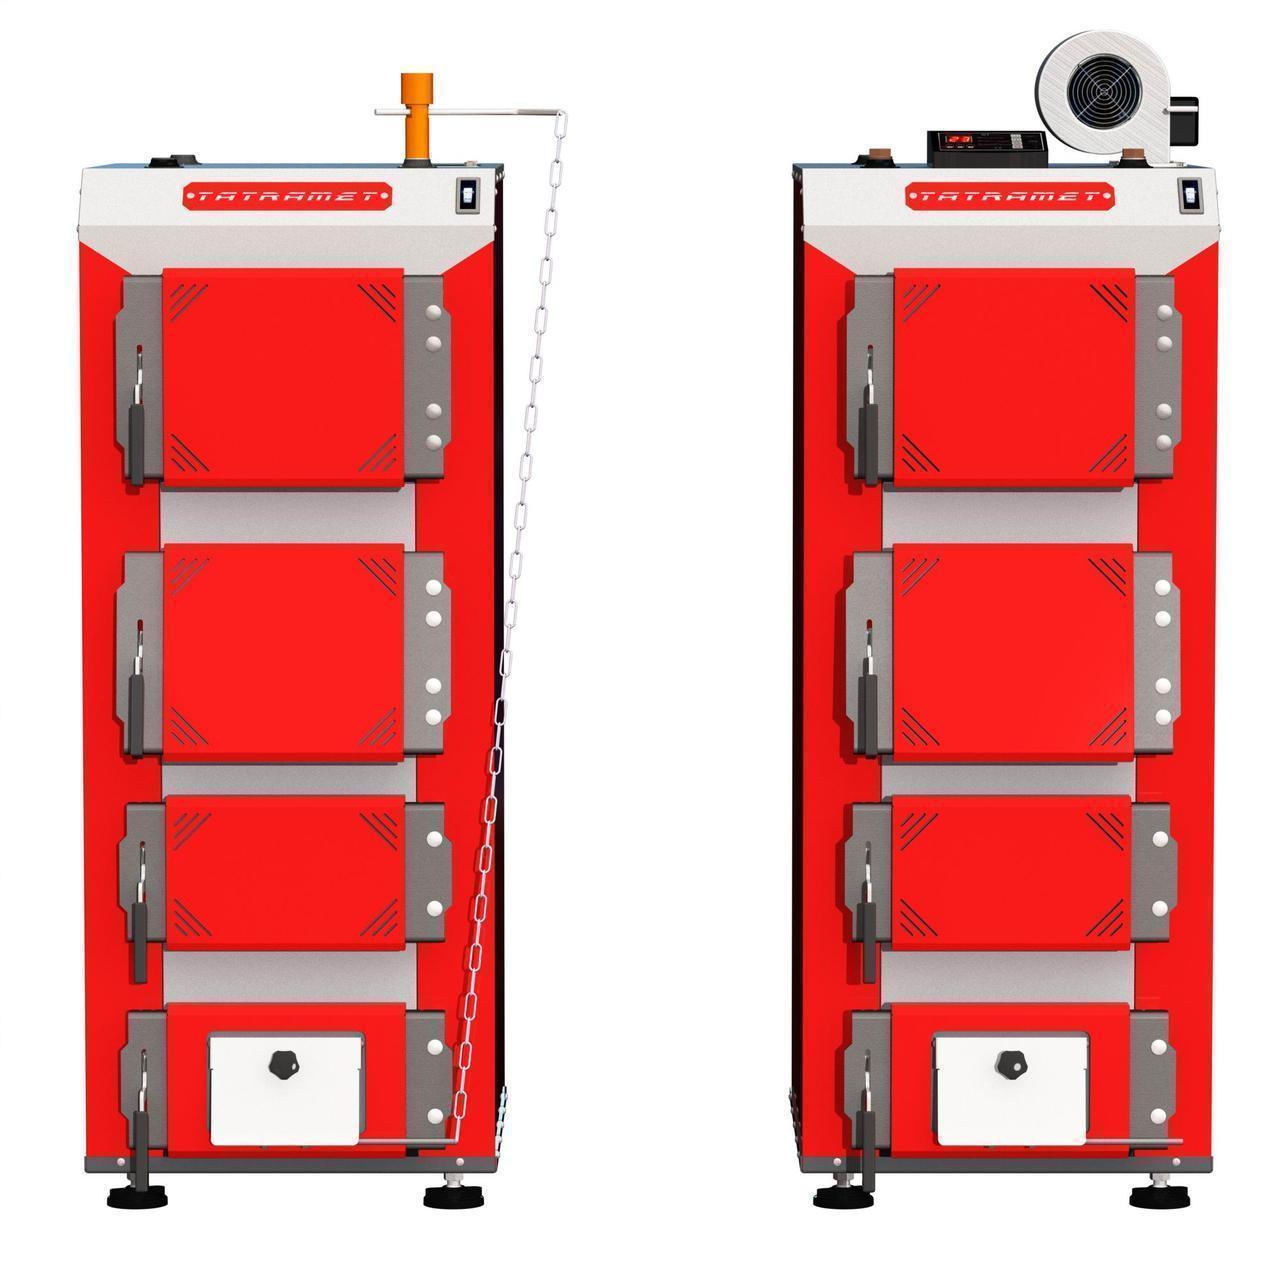 TATRAMET SPARTAK Plus (СПАРТАК ПЛЮС) 43 кВт котел с электронным блоком управления (TECH ST-24 sigma + WPA120)